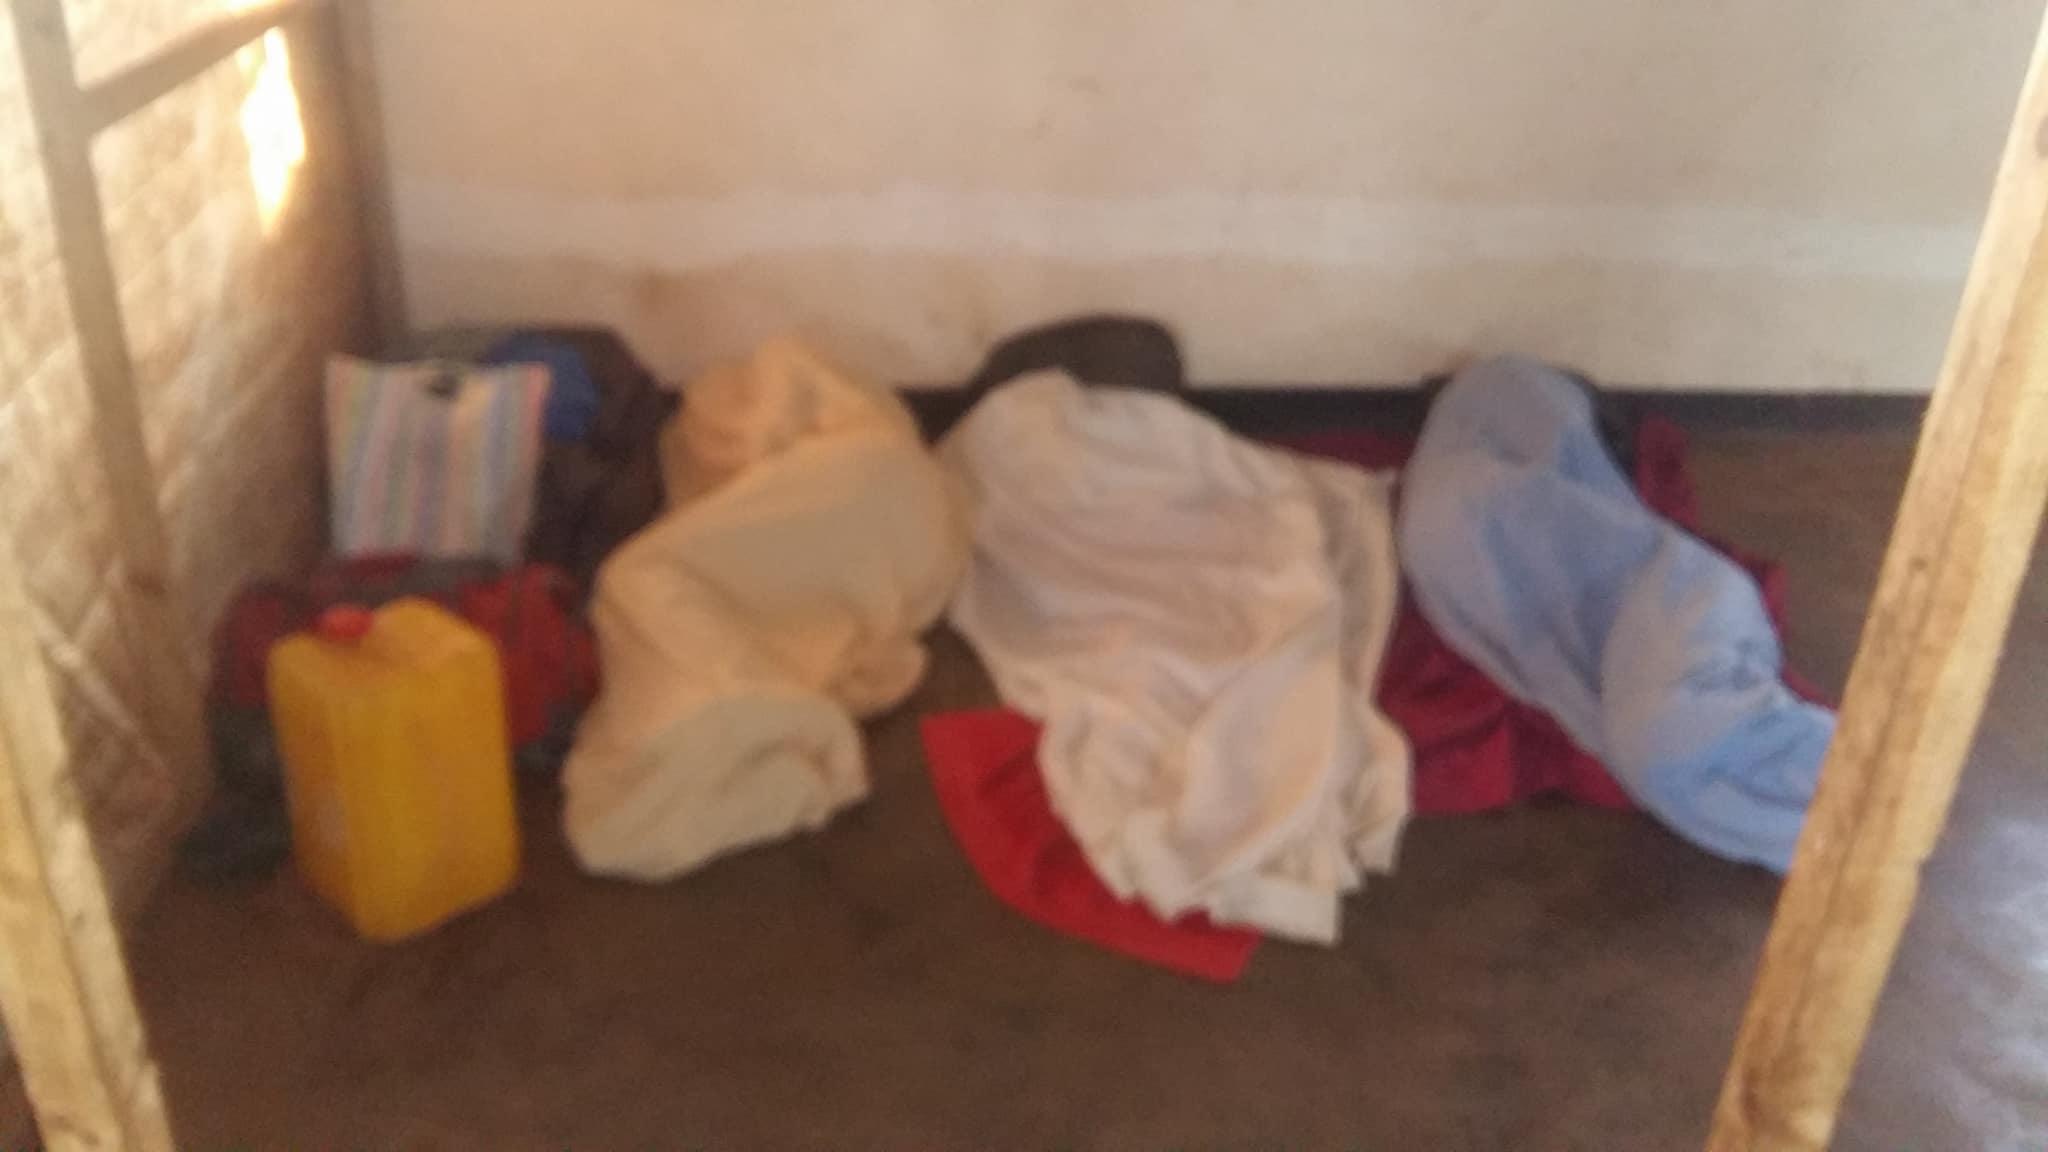 Three Ugandan LGBTI refugees sleep on the ground in Malawi. (Photo courtesy of Refugee Flag Kakuma)